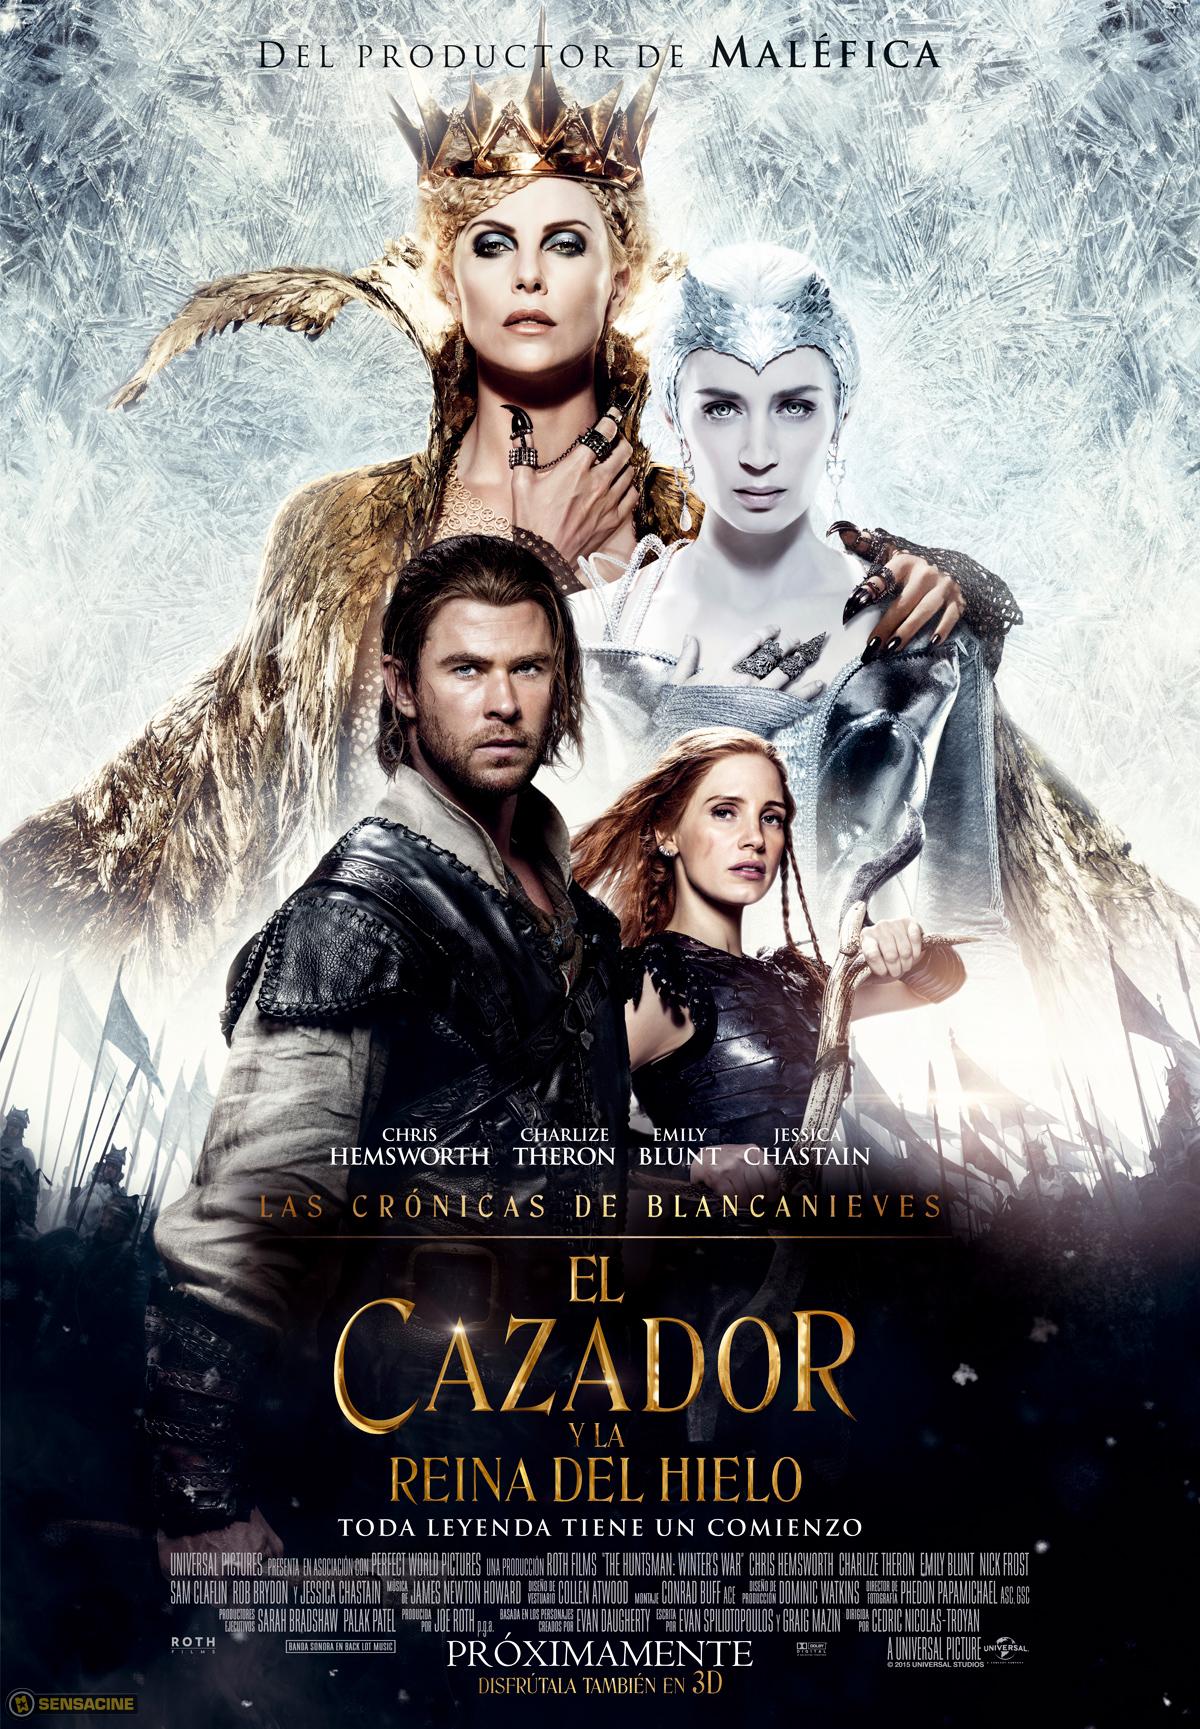 Resultado de imagen para el cazador y la reina del hielo